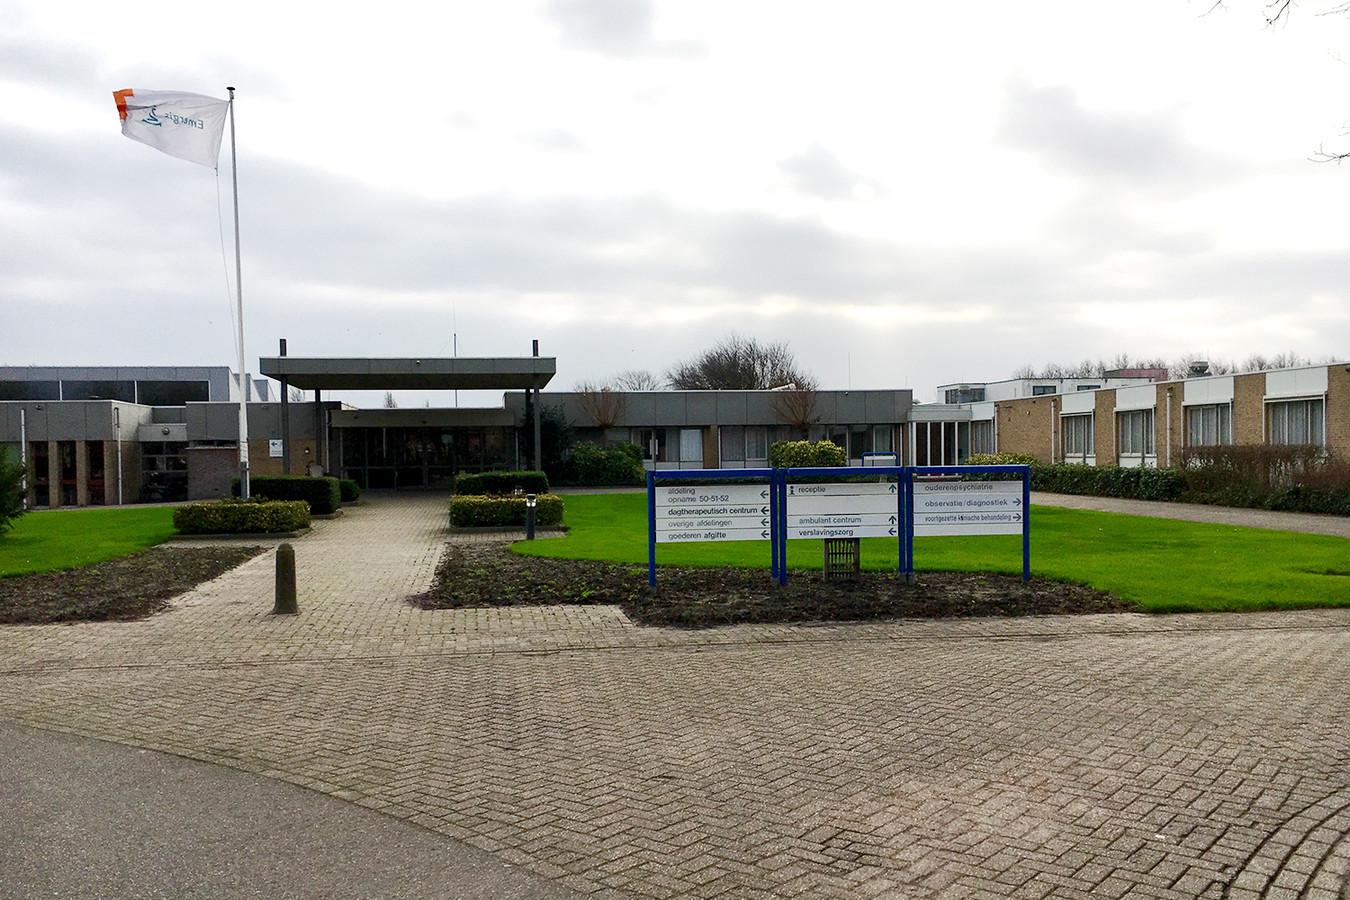 Centrum voor geestelijke gezondheidszorg Emergis in Kloetinge.